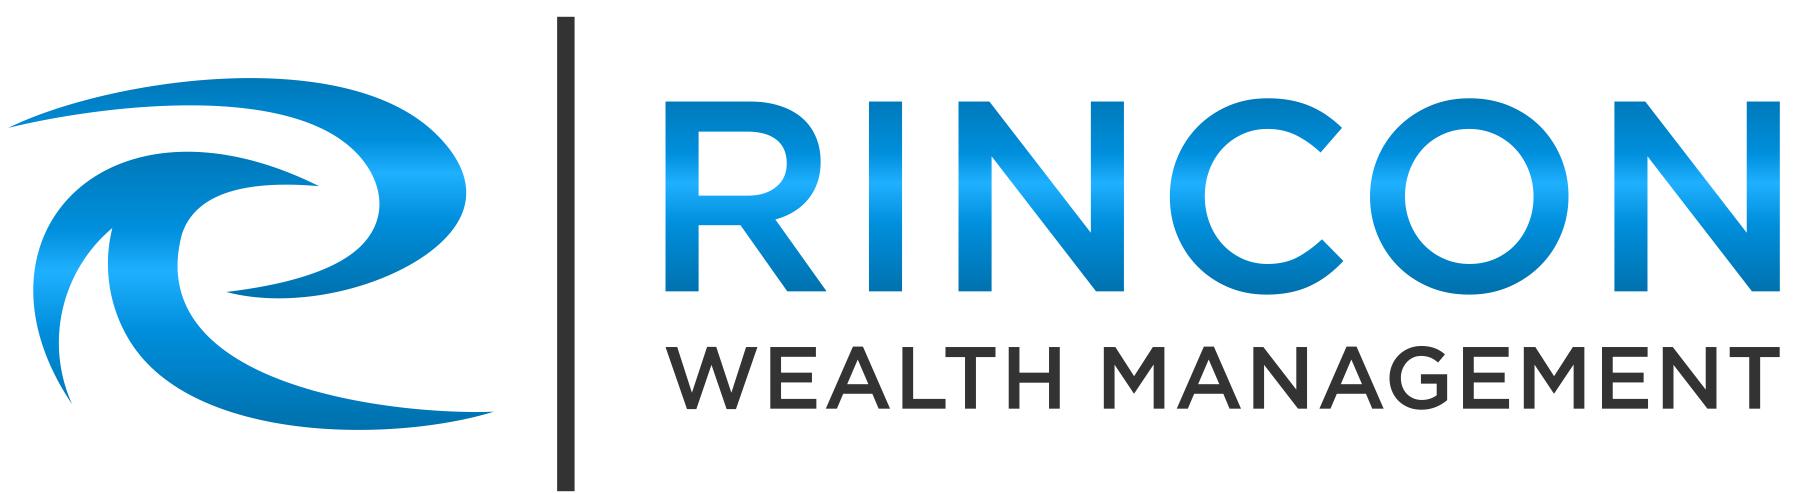 Rincon Wealth Management Logo Austin, TX Rincon Wealth Management